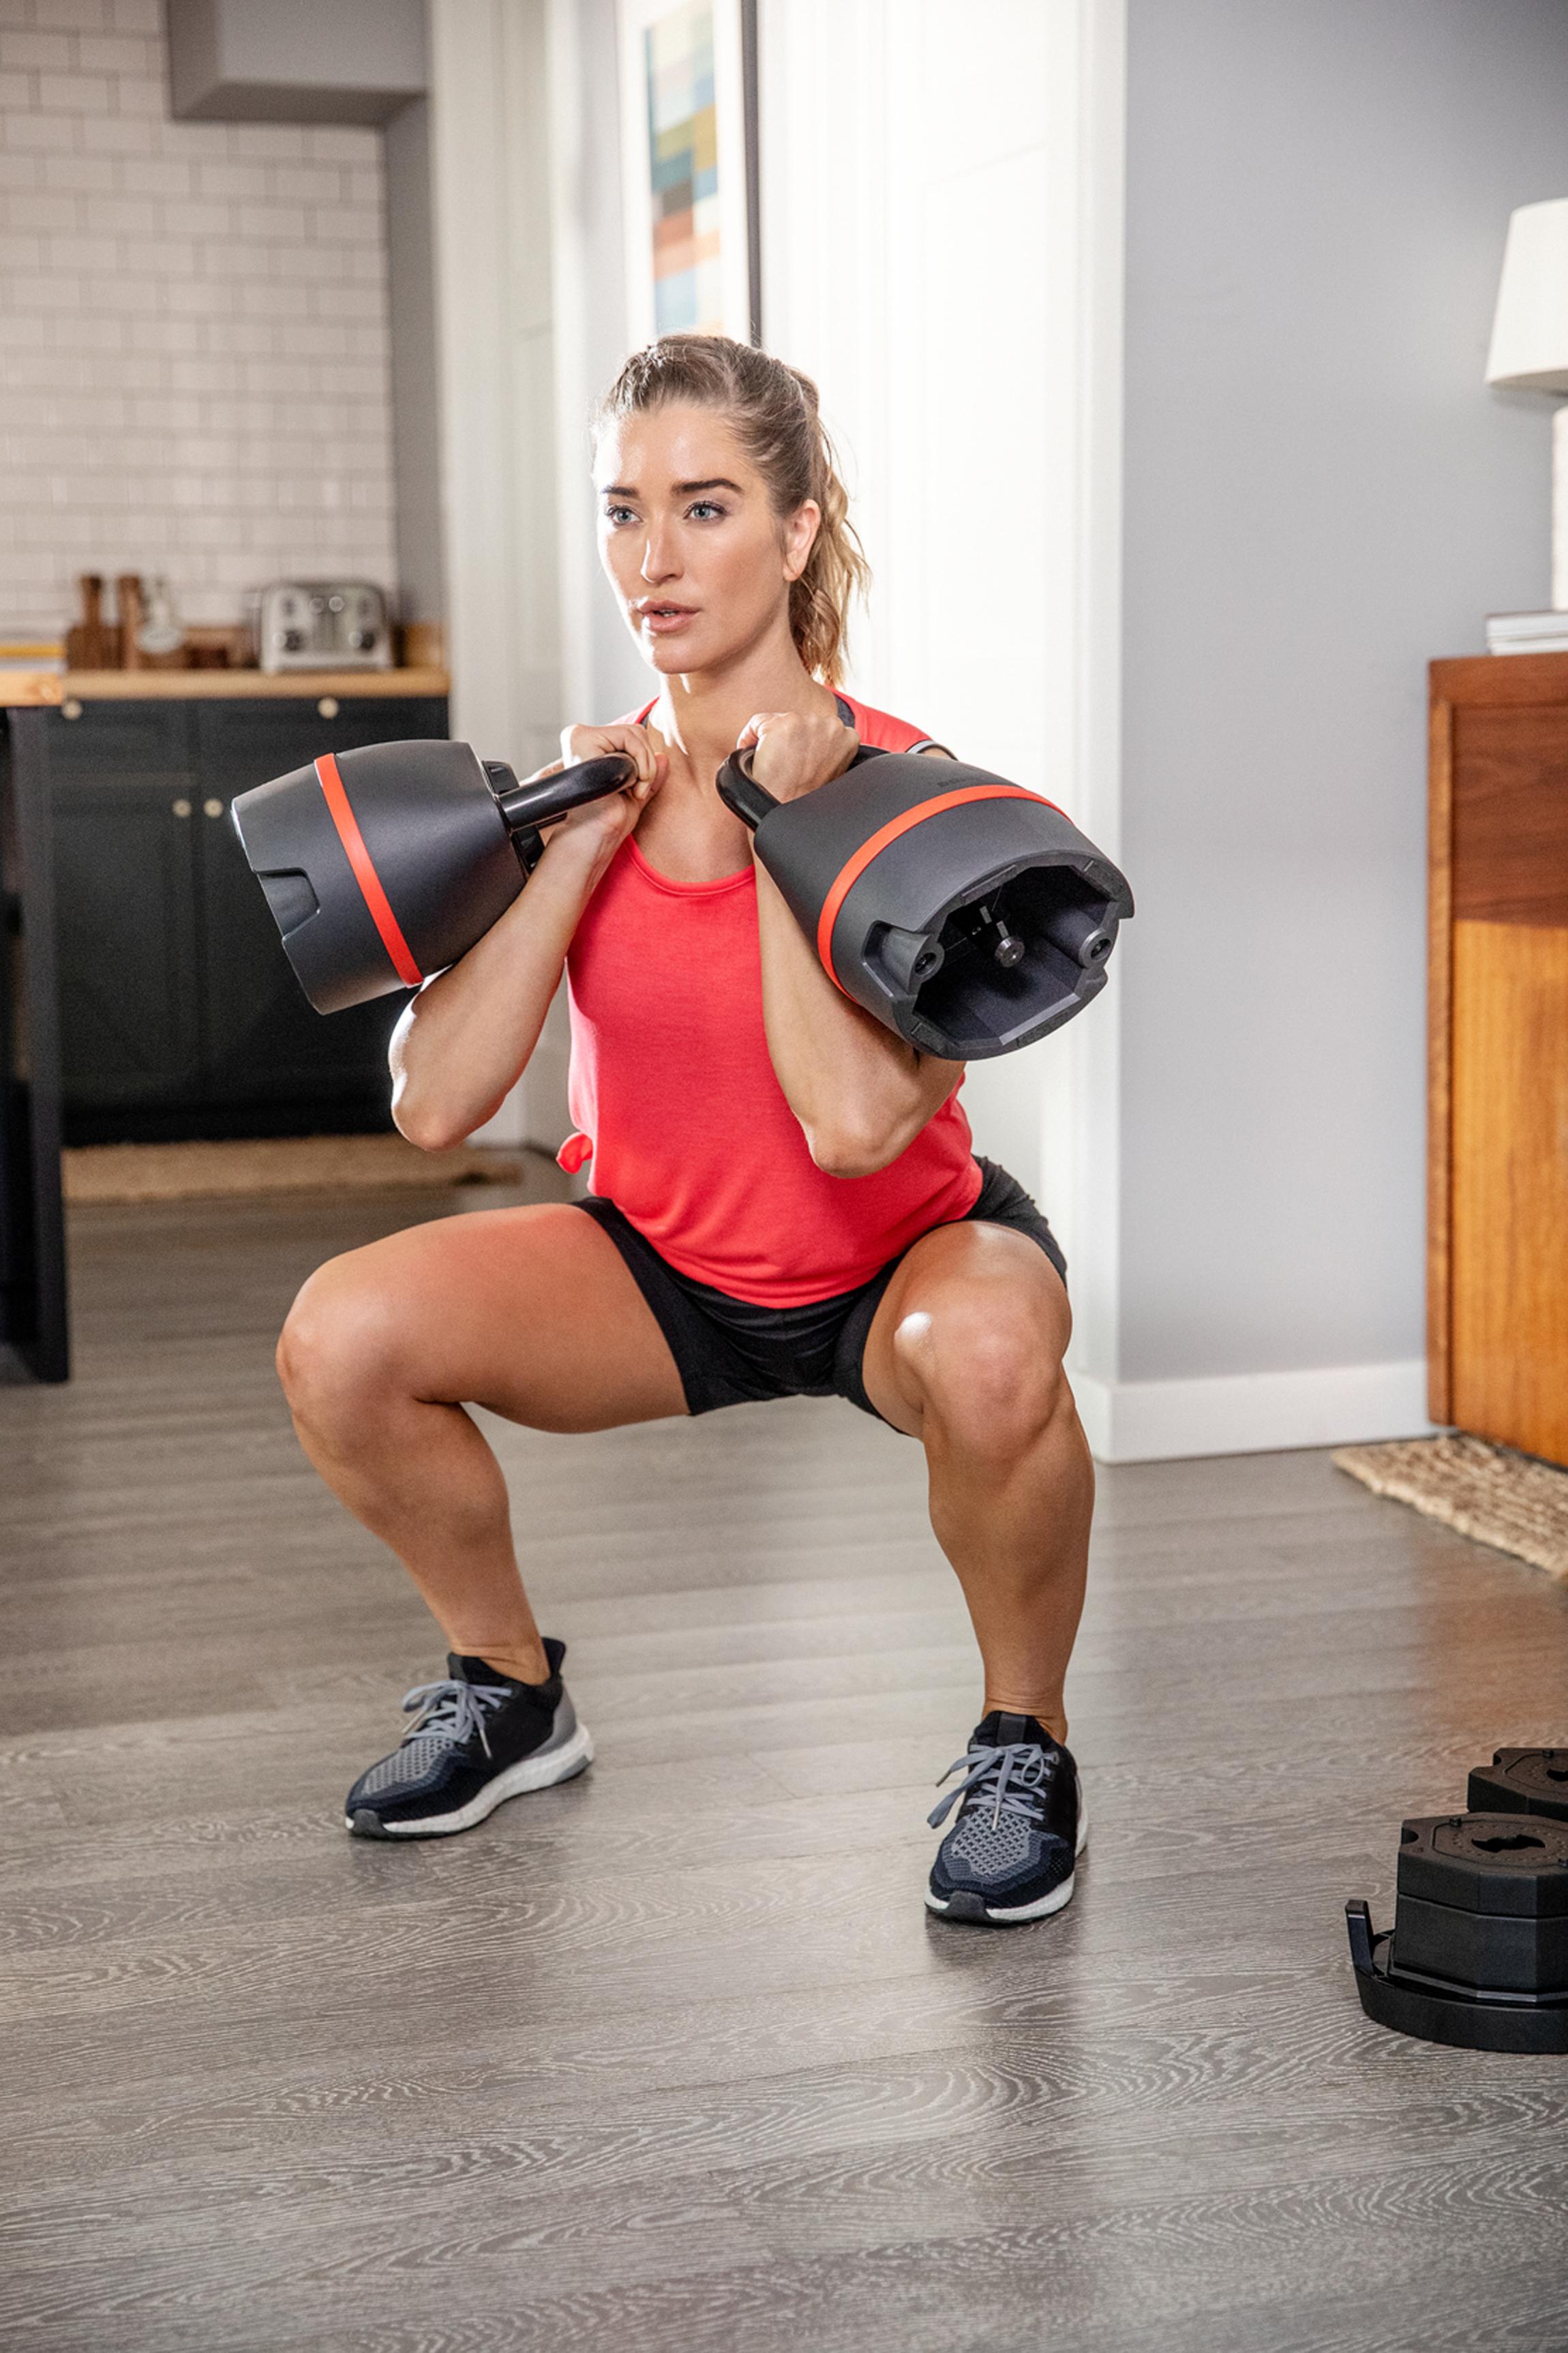 A woman using the Bowflex kettlebells